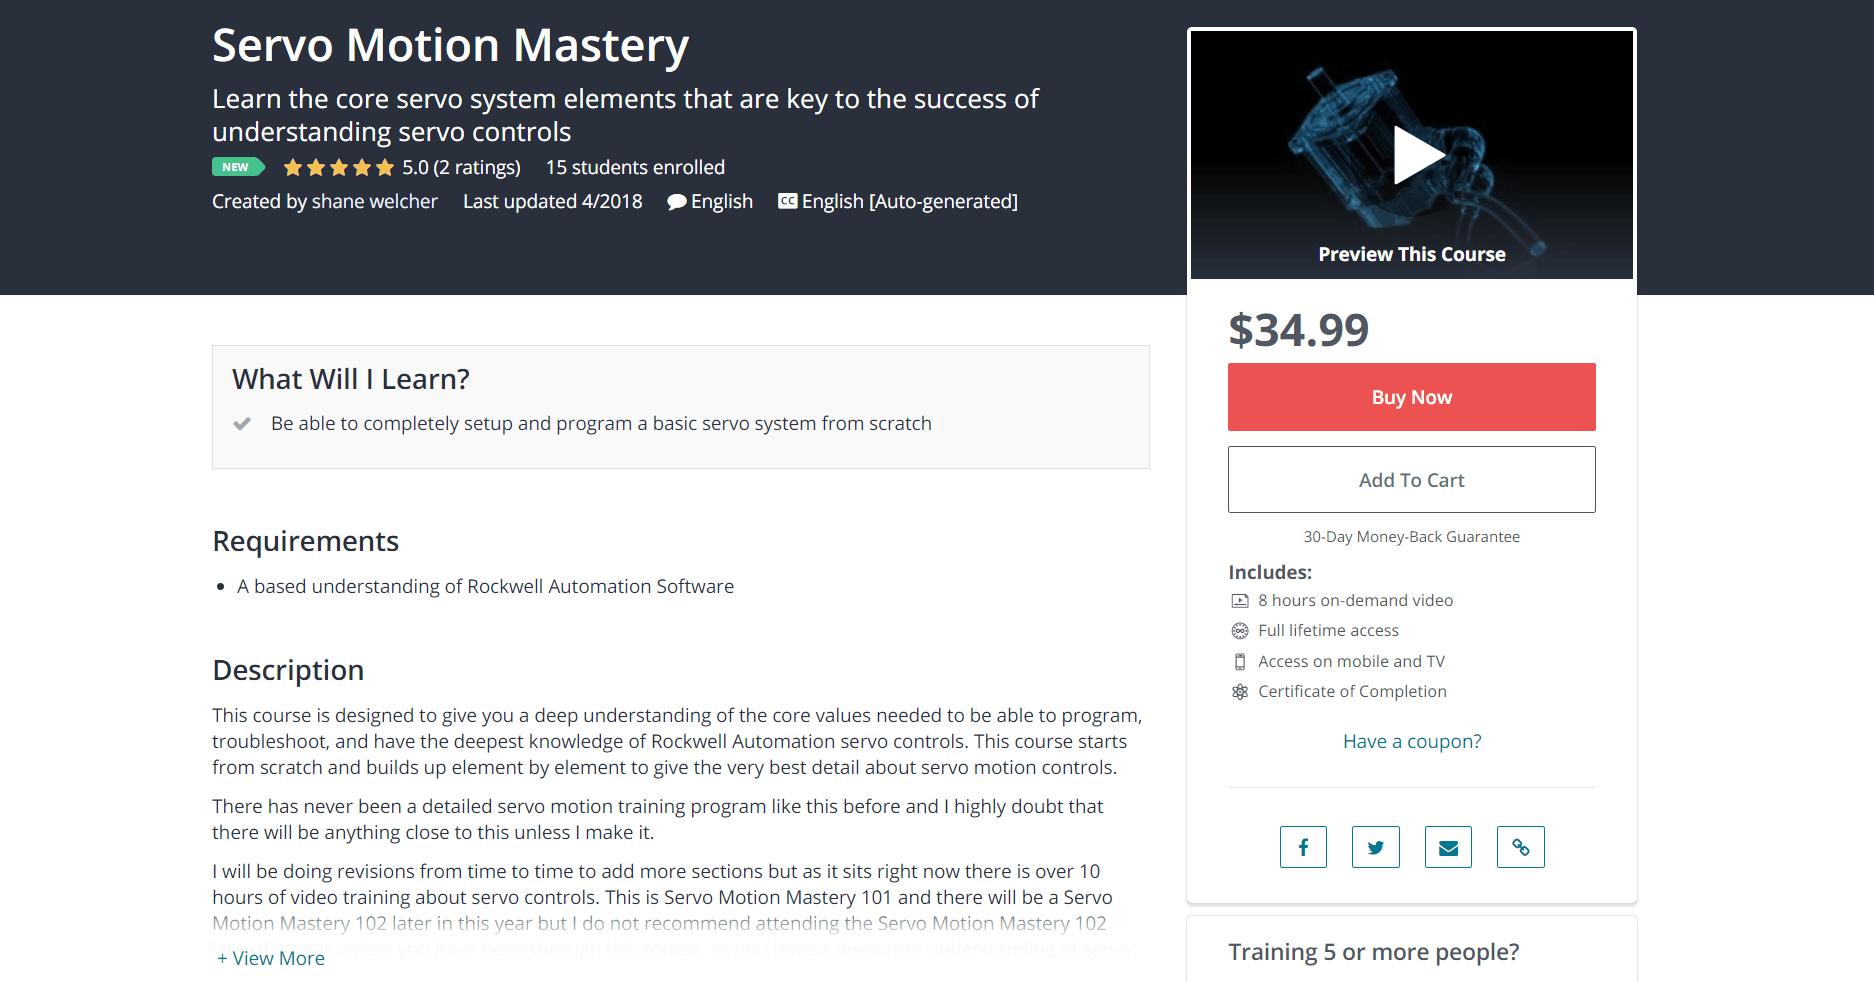 Servo Motion Mastery